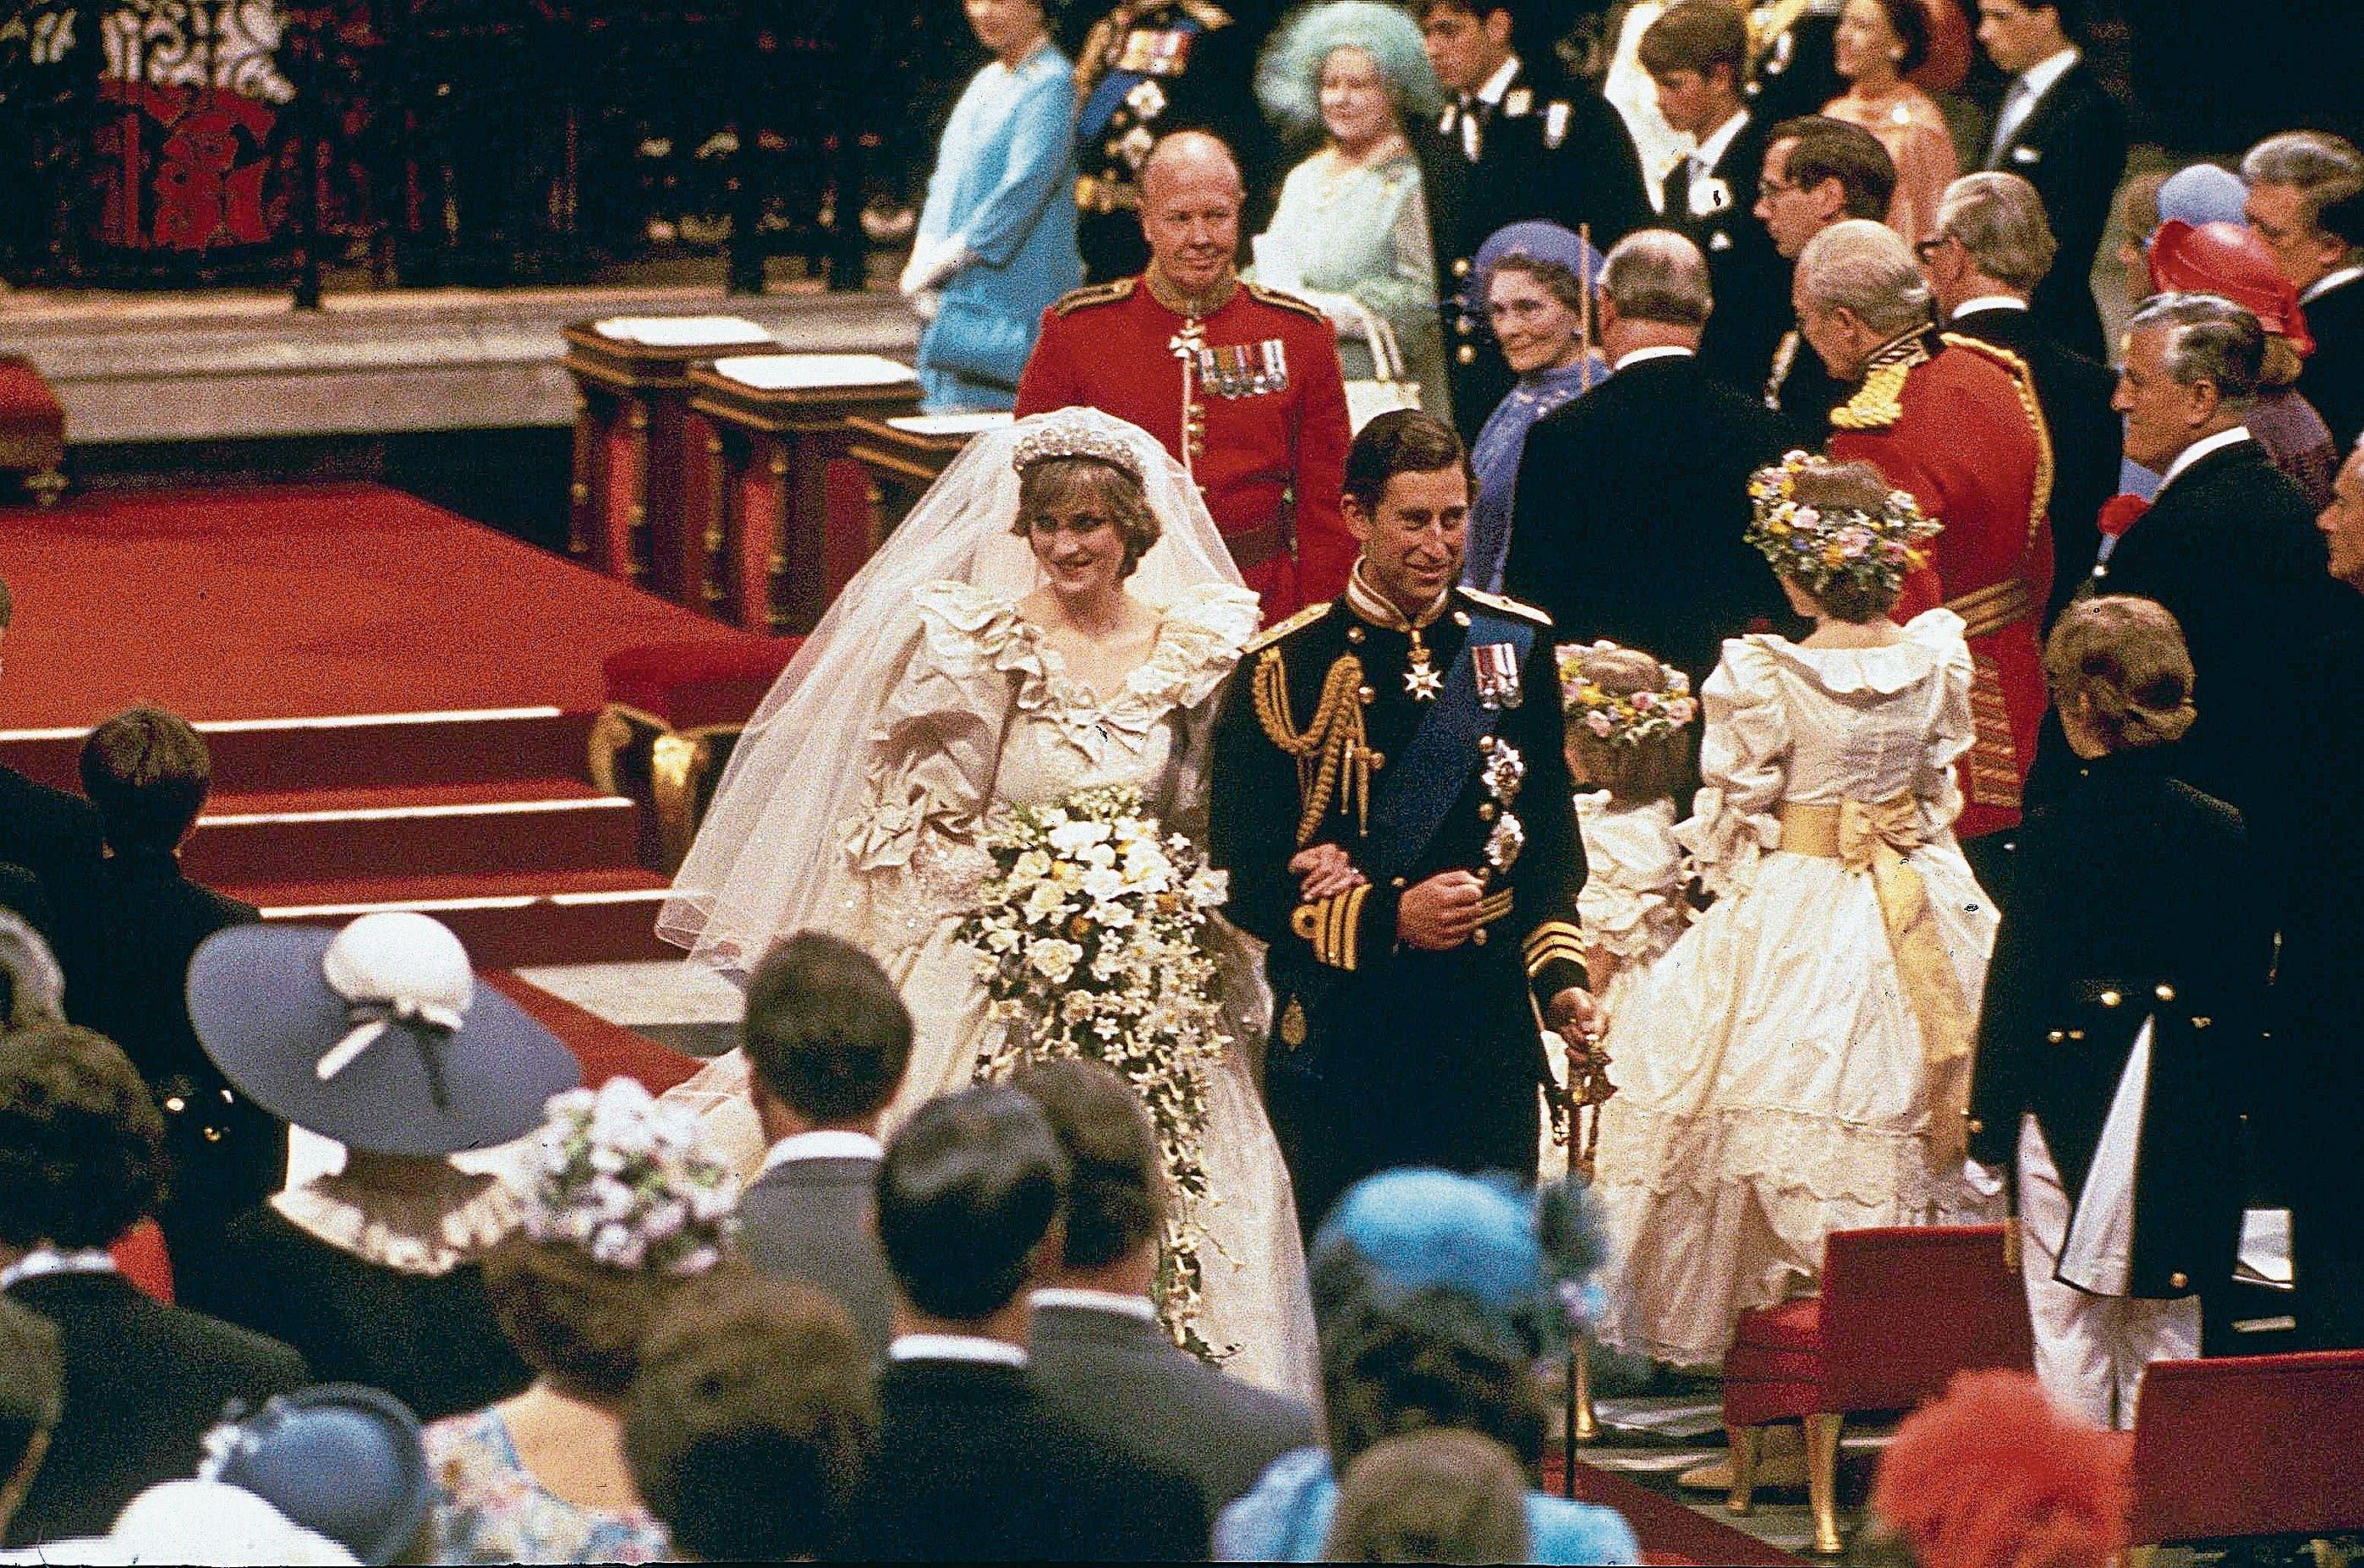 Grossevent mit 3500 geladenen Gästen: Die Hochzeit von Lady Diana und Prinz Charles am 29. Juli 1981. (Bild: Keystone)